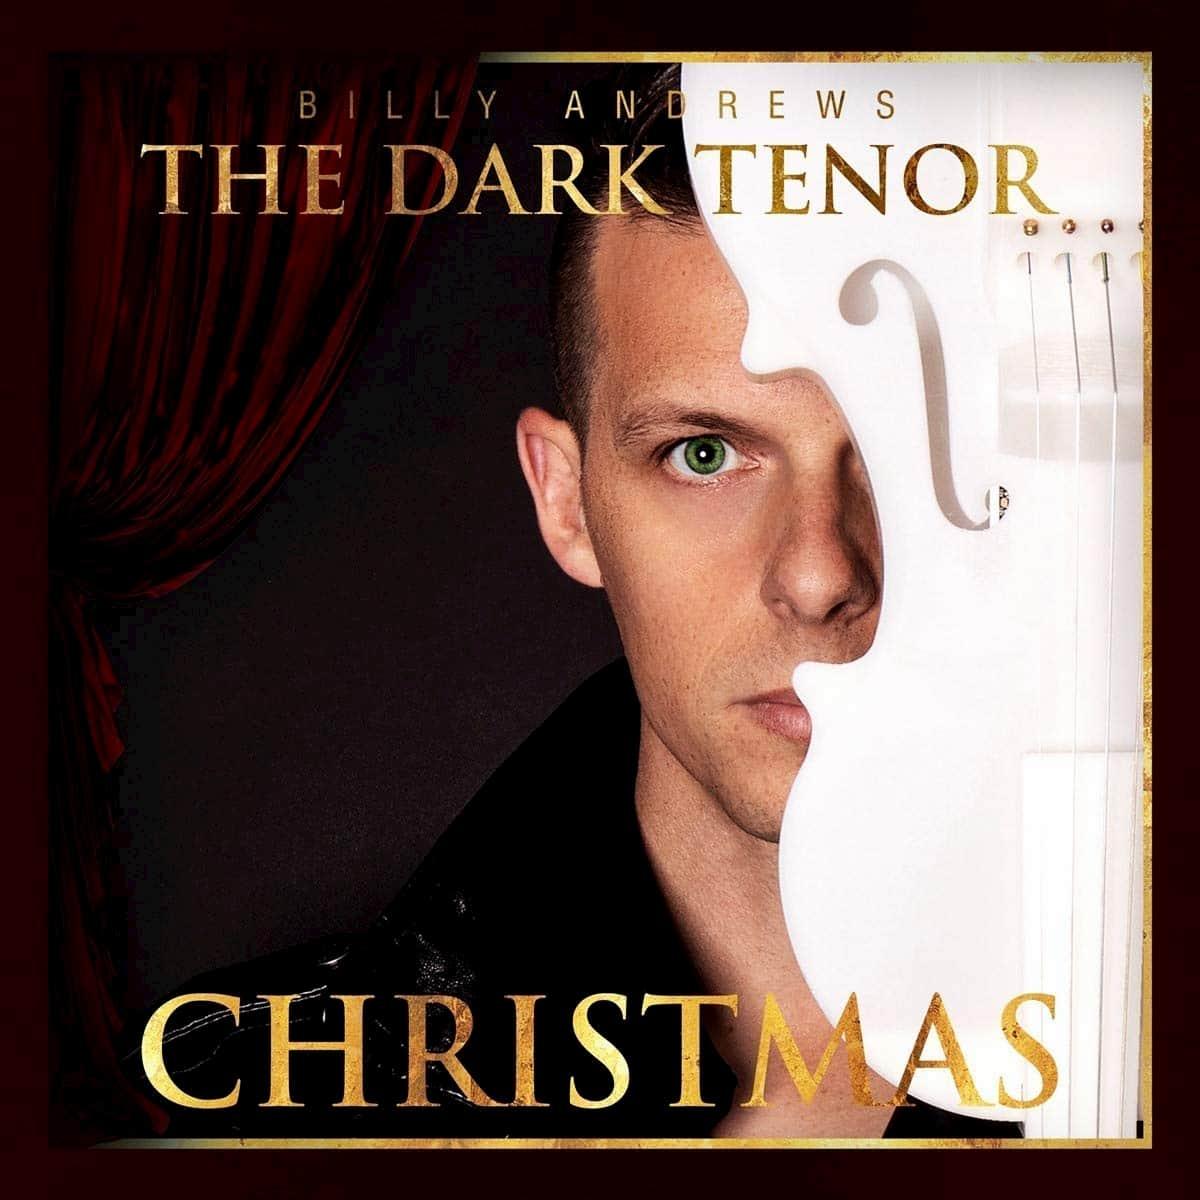 The Dark Tenor - Christmas 2020